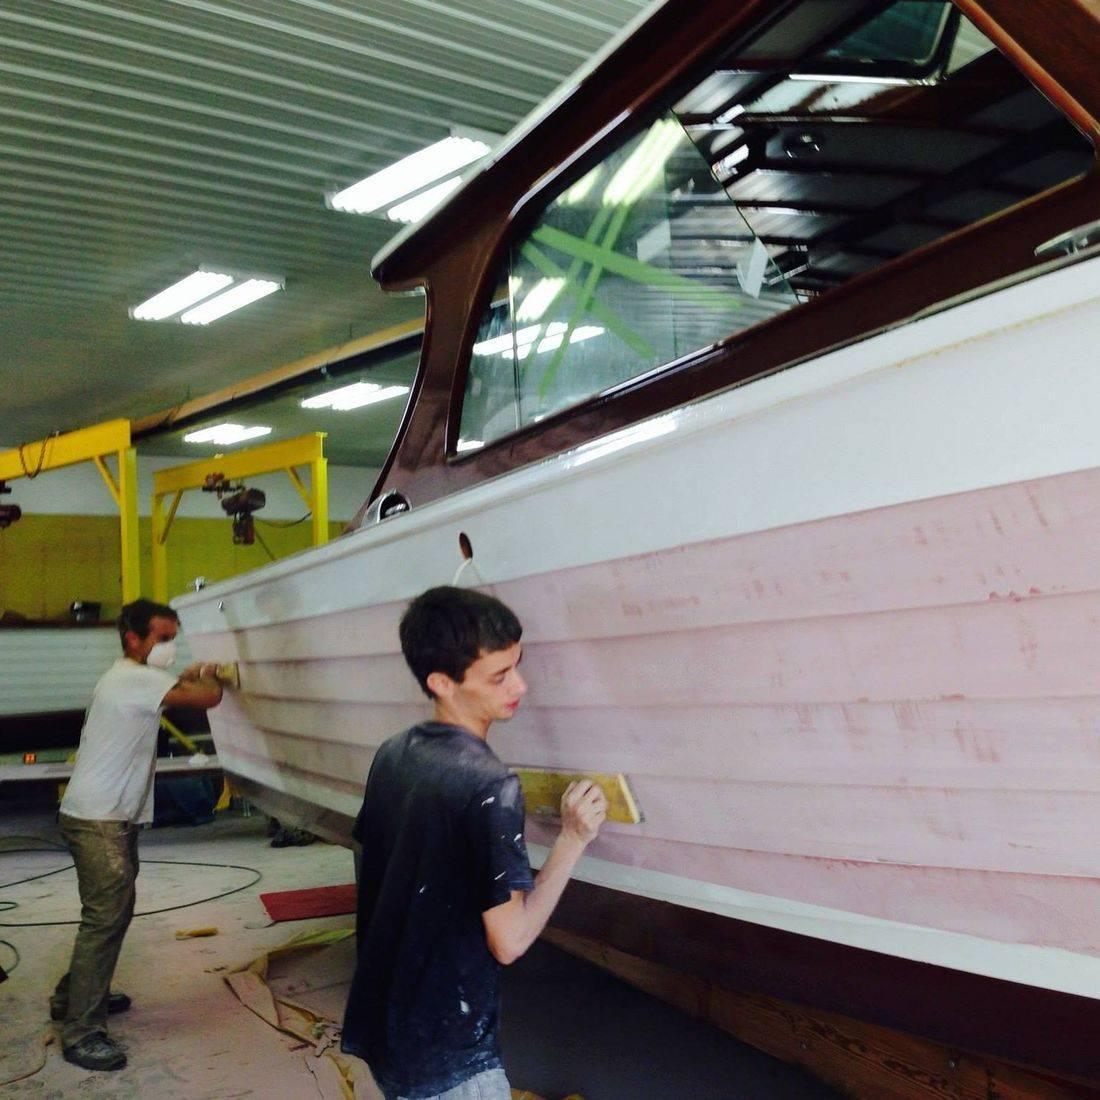 Lyman restoration by Bergersen Boat